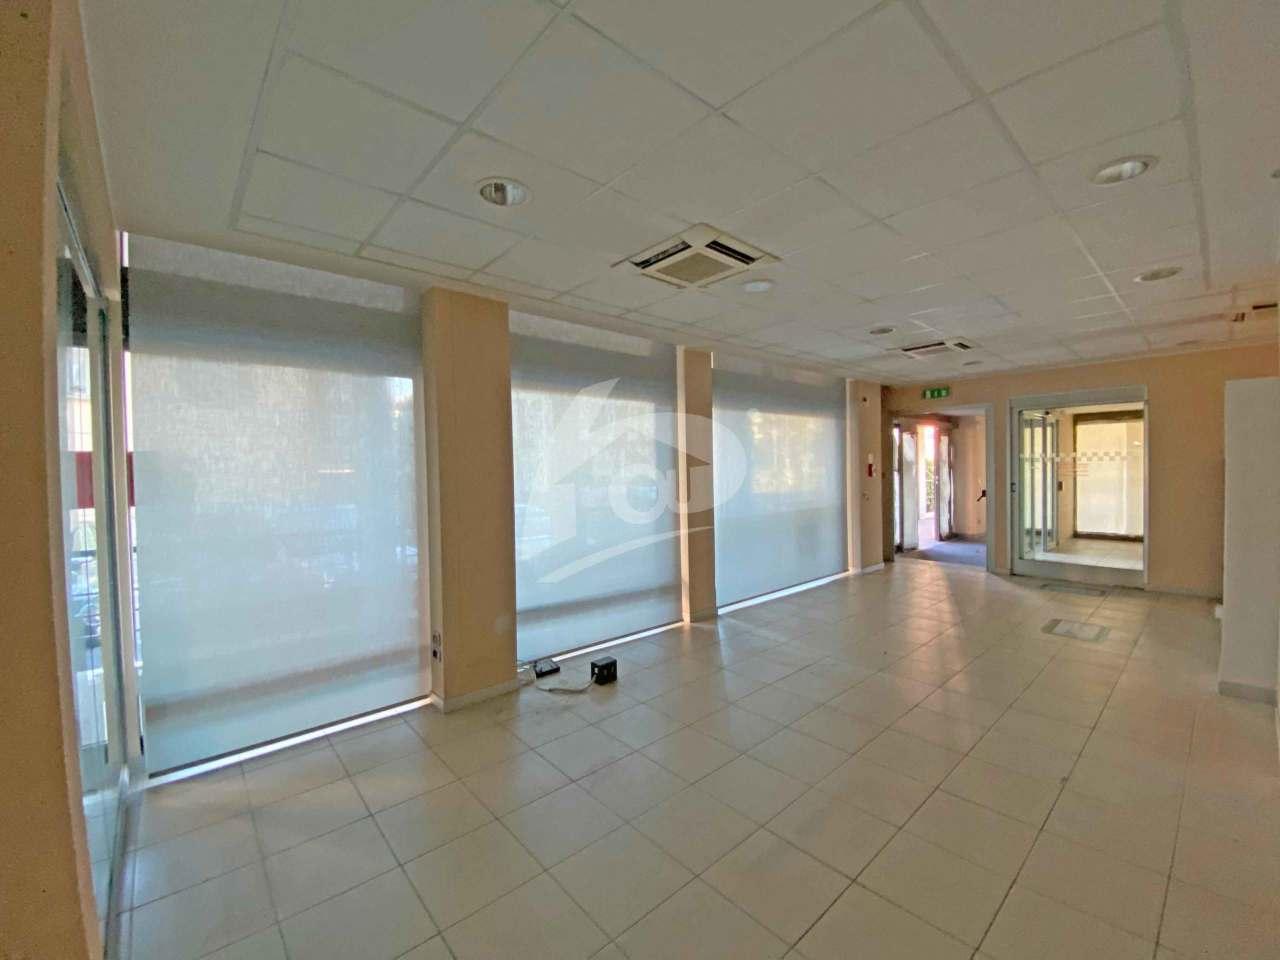 Ufficio / Studio in affitto a Laveno-Mombello, 10 locali, prezzo € 4.200 | PortaleAgenzieImmobiliari.it